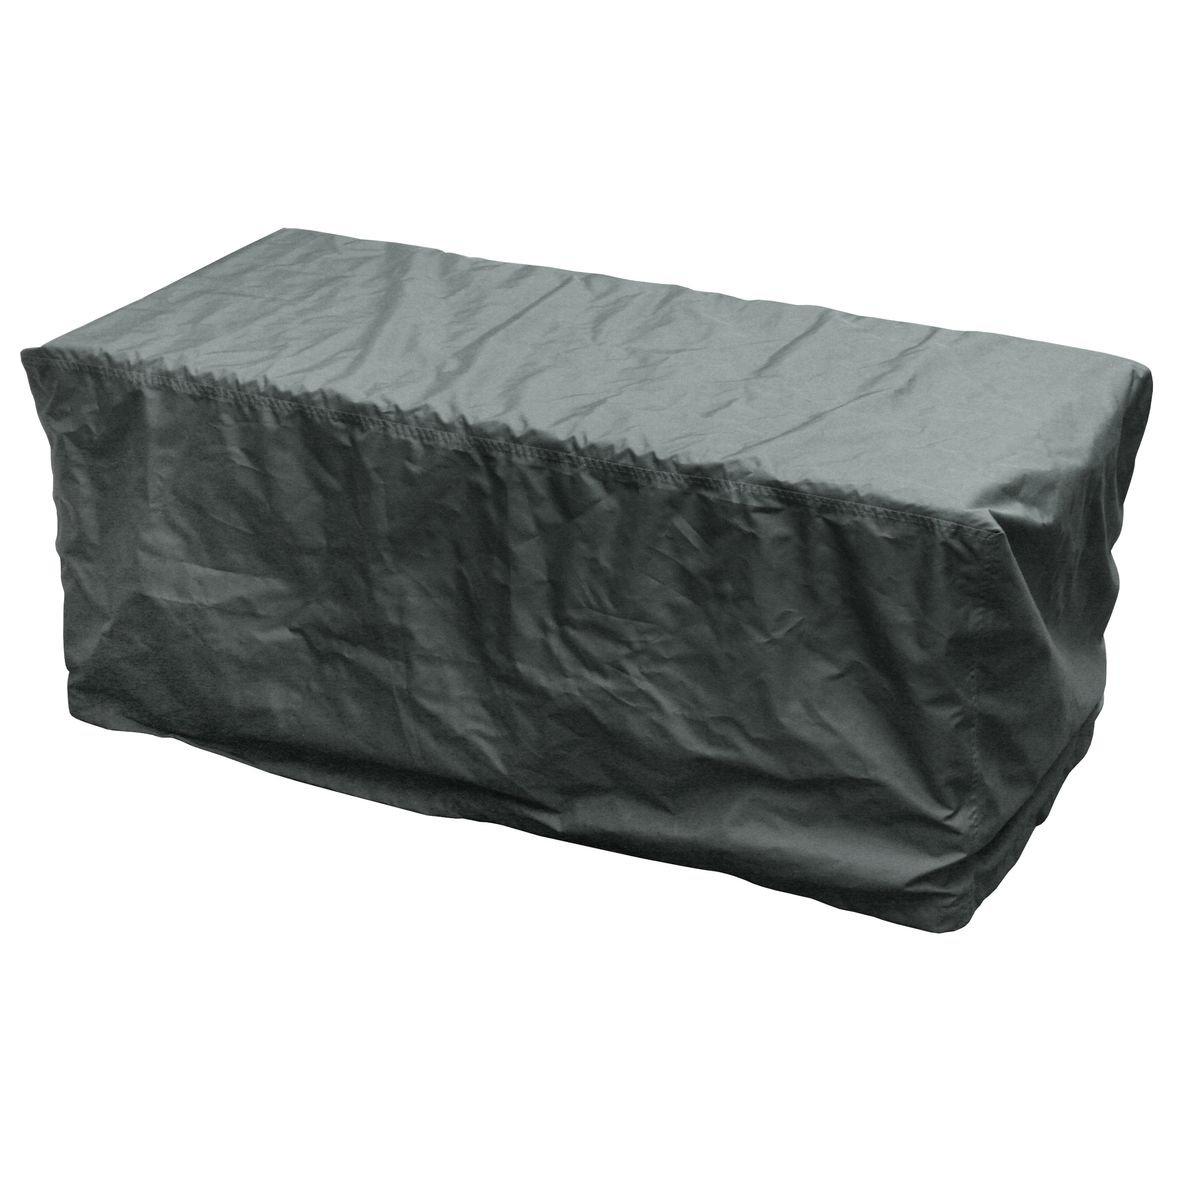 #greemotion 127184 Abdeckung für Kissenbox und Outdoor-Möbel, 126x55x51cm#